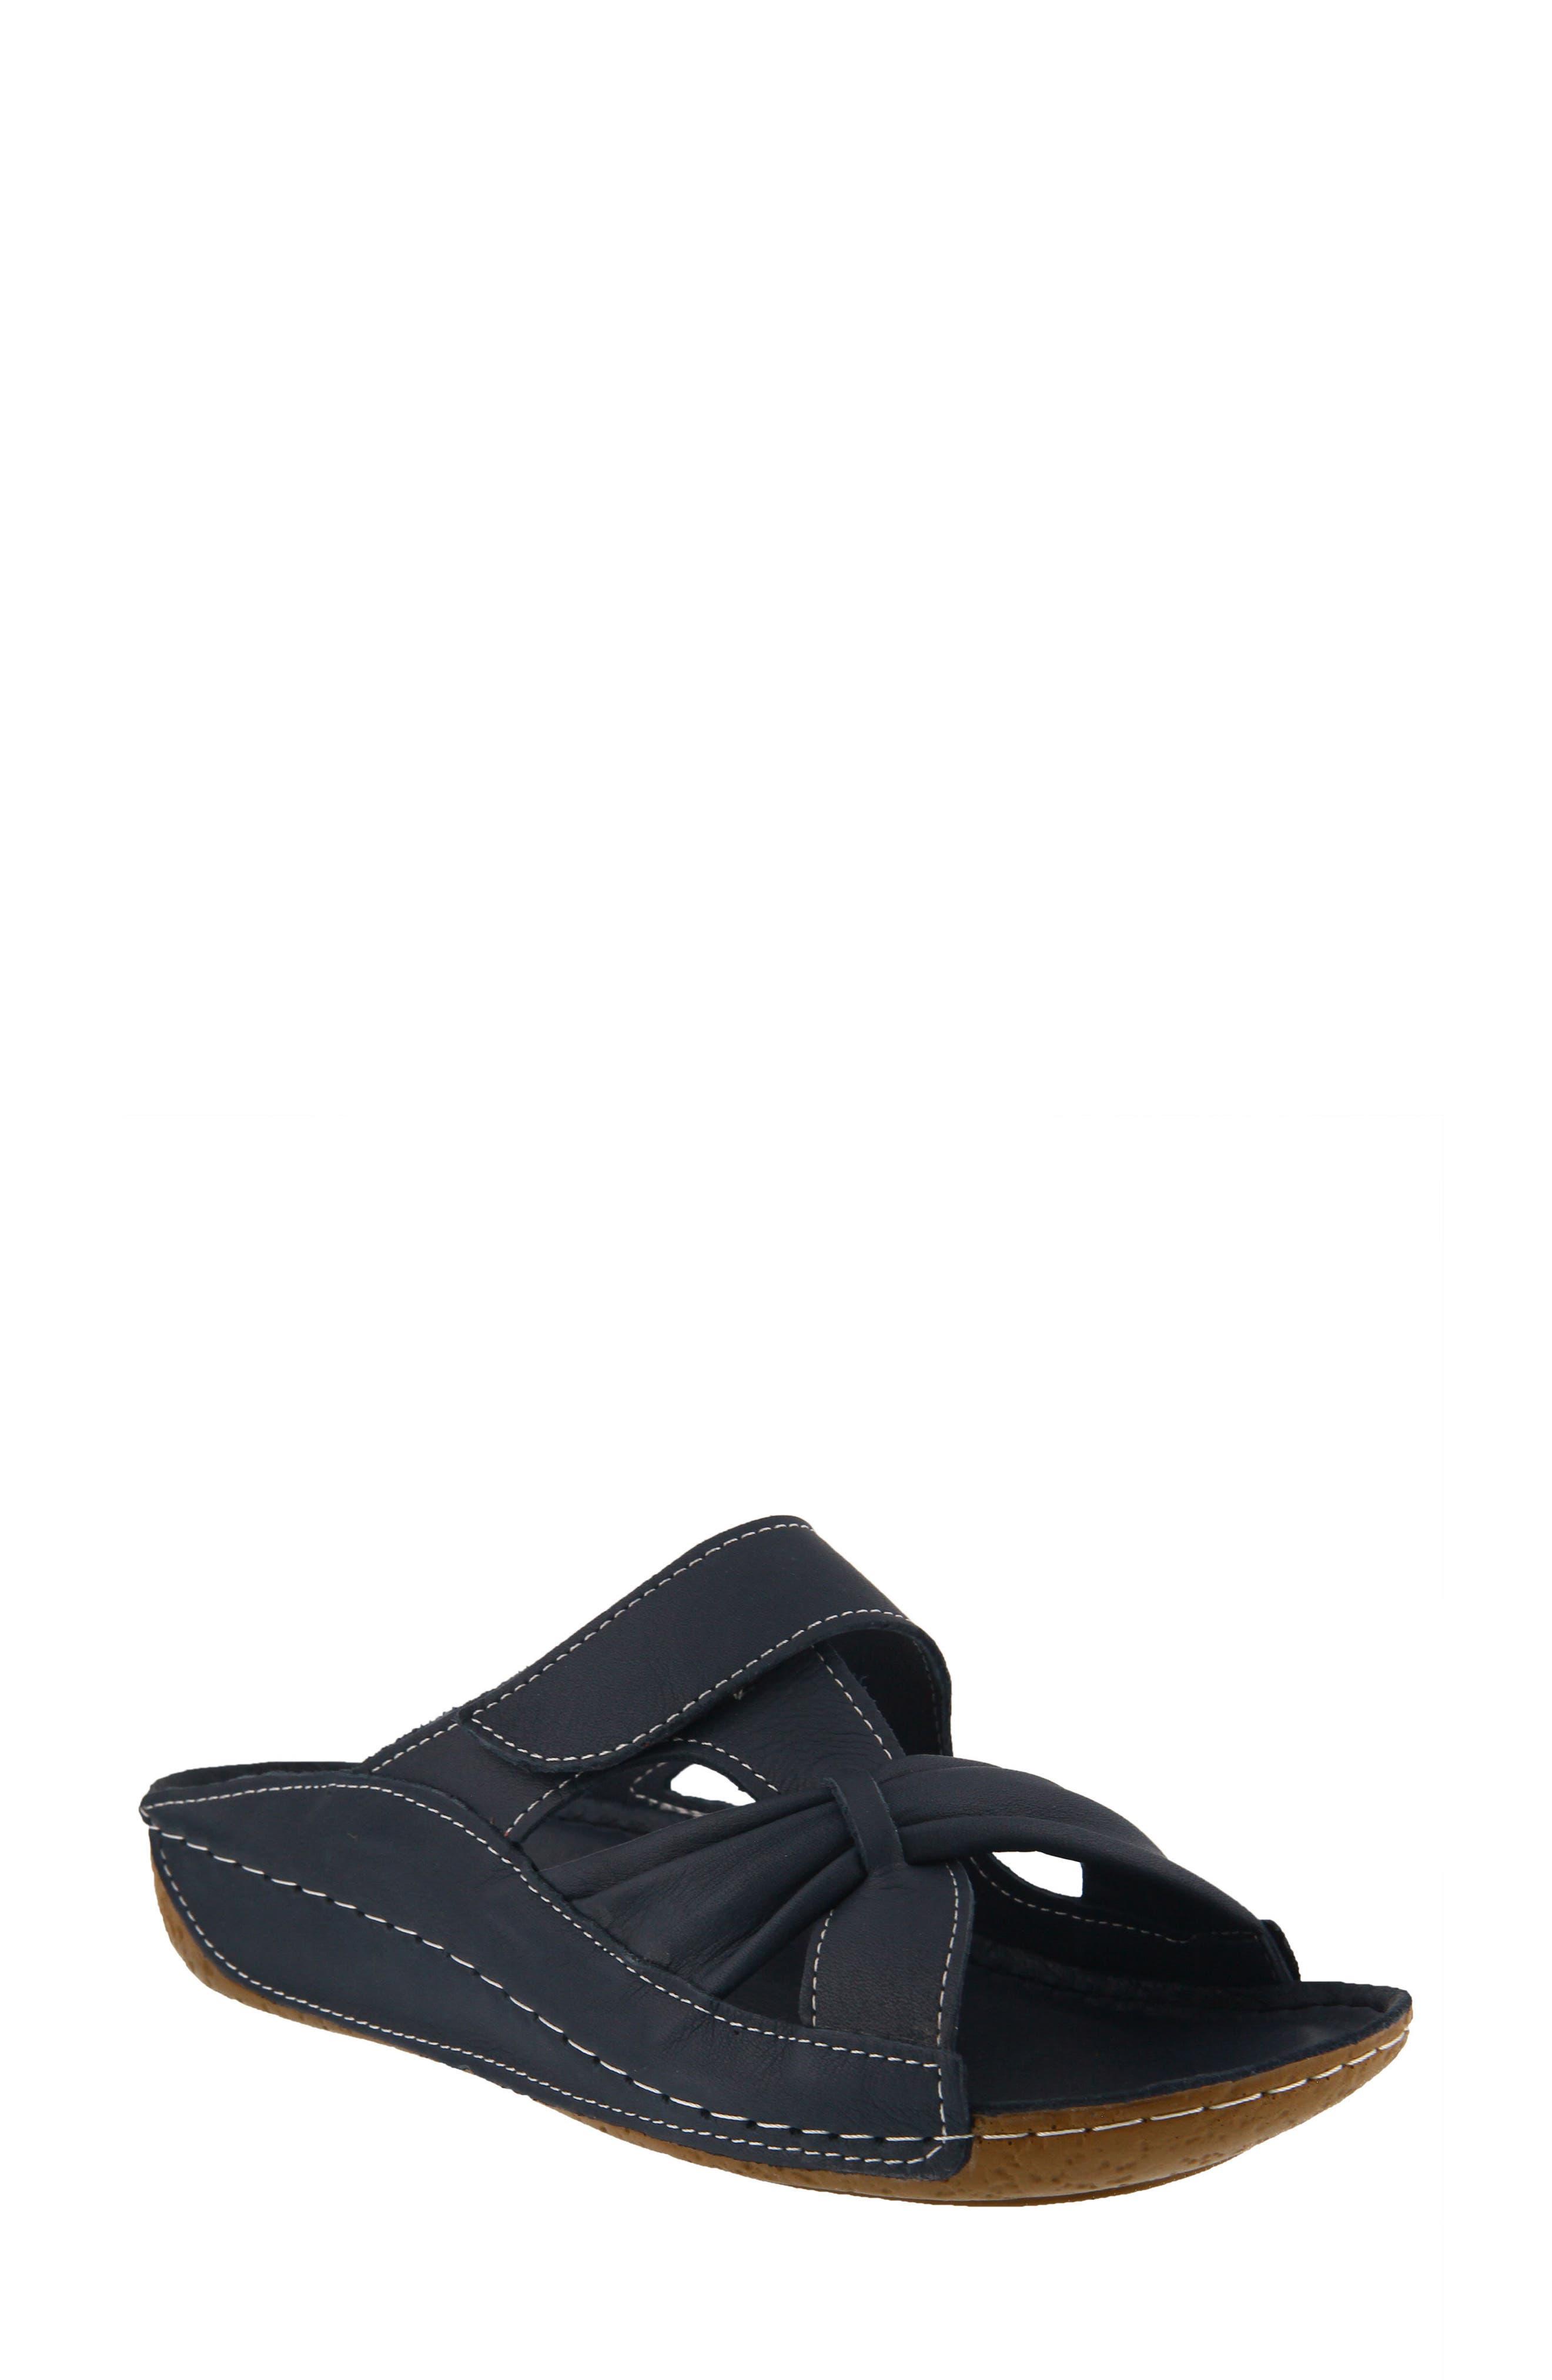 Spring Step Gretta Sandal (Women)